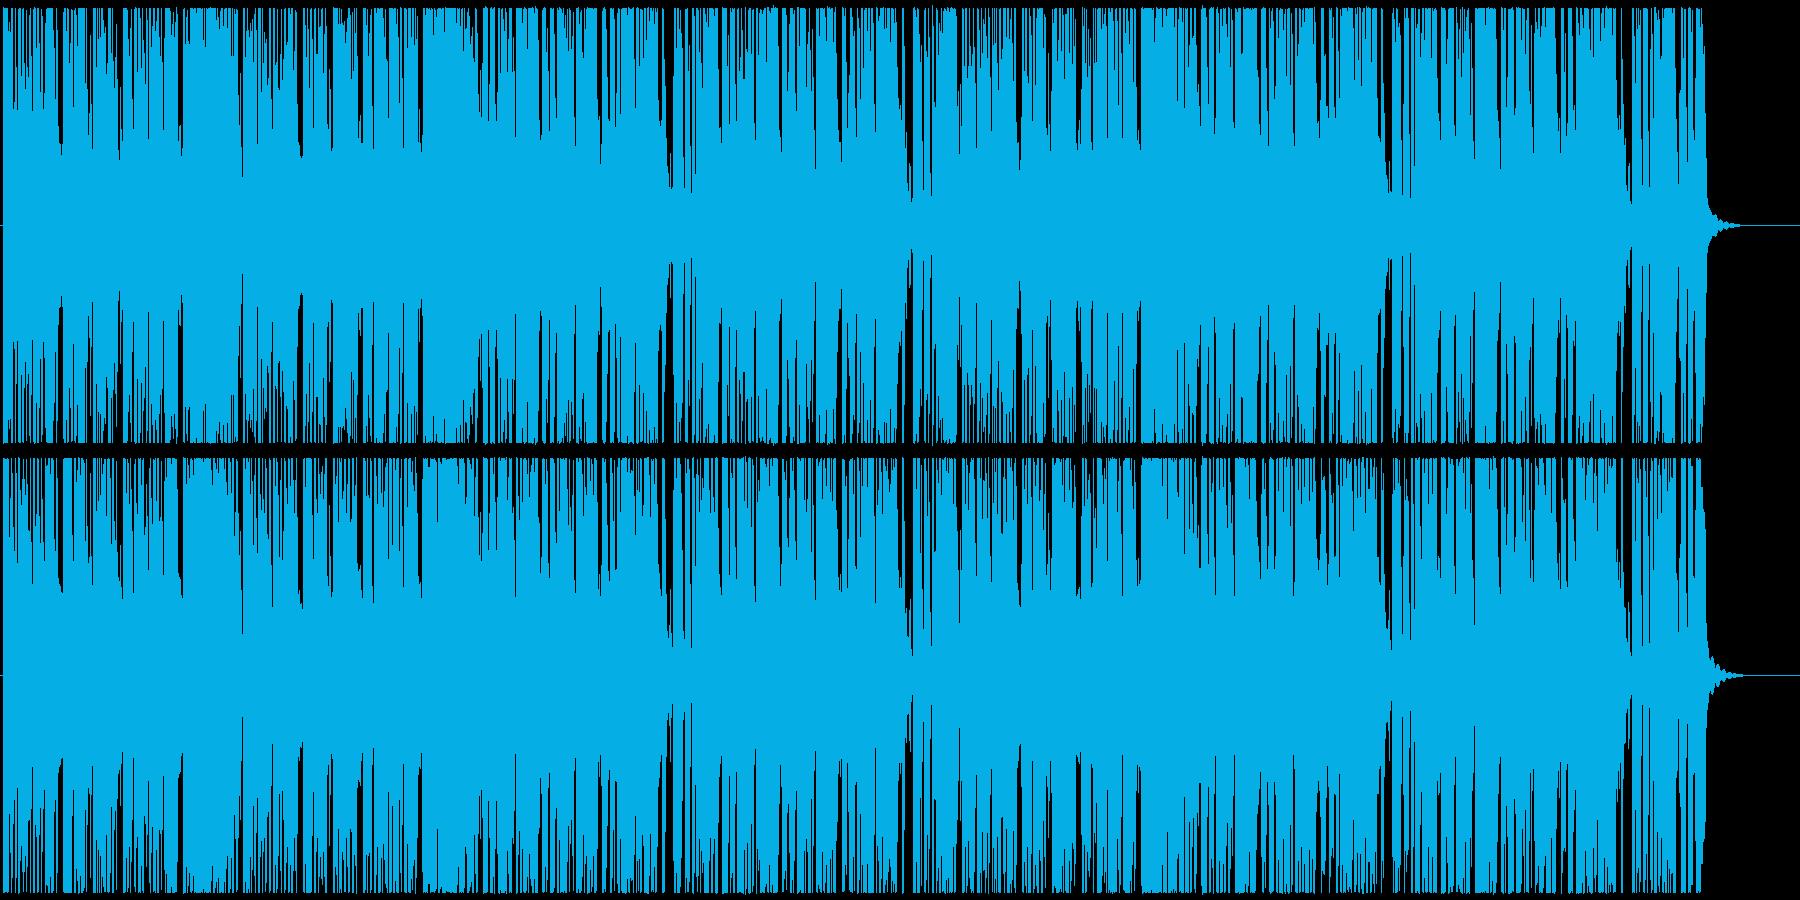 速めブラームス名曲、コミカル映像、ゲームの再生済みの波形